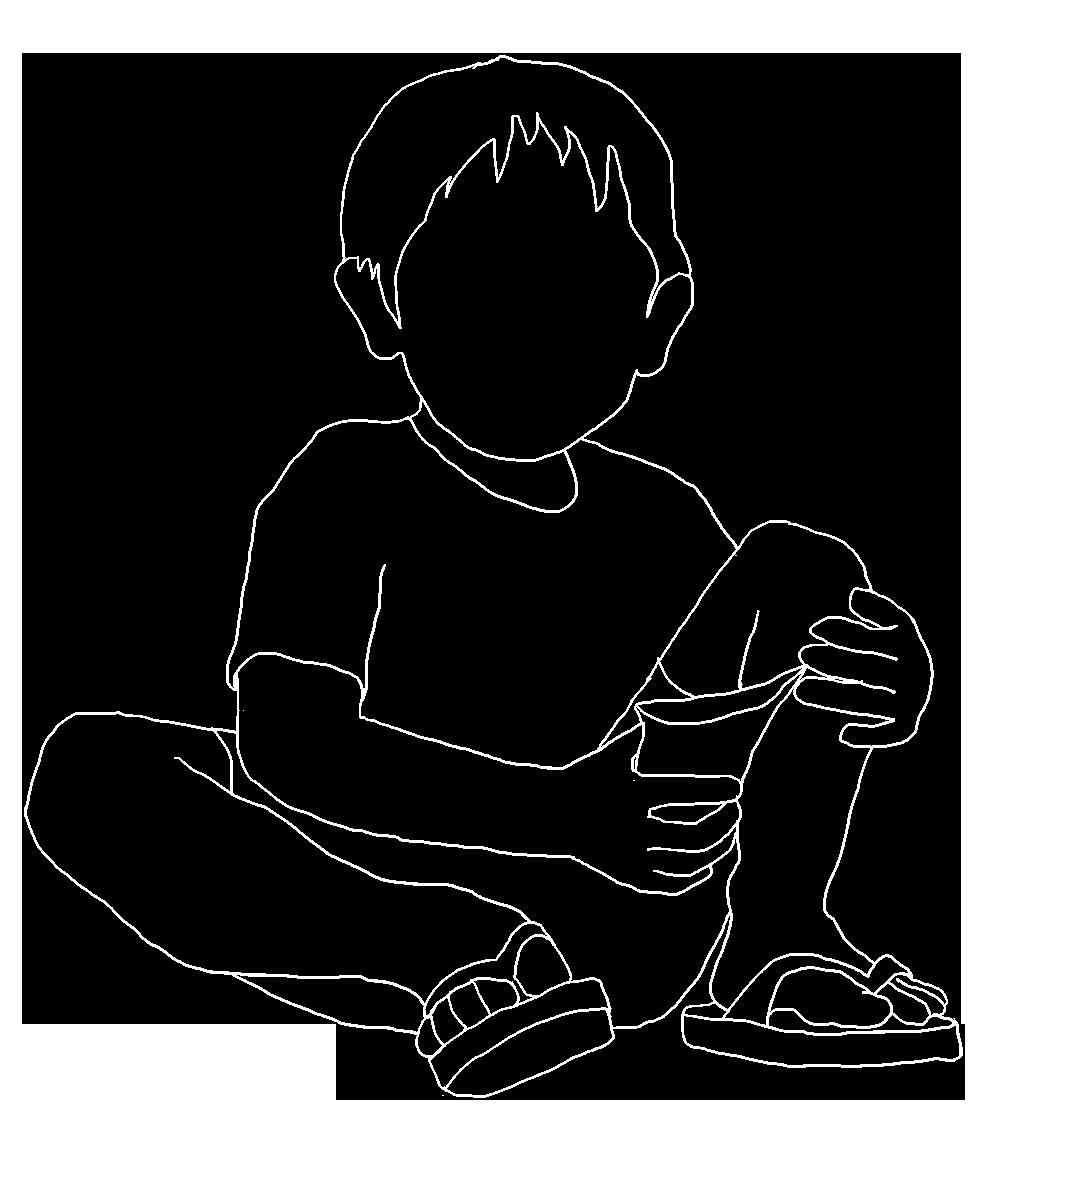 white line silhouette of children